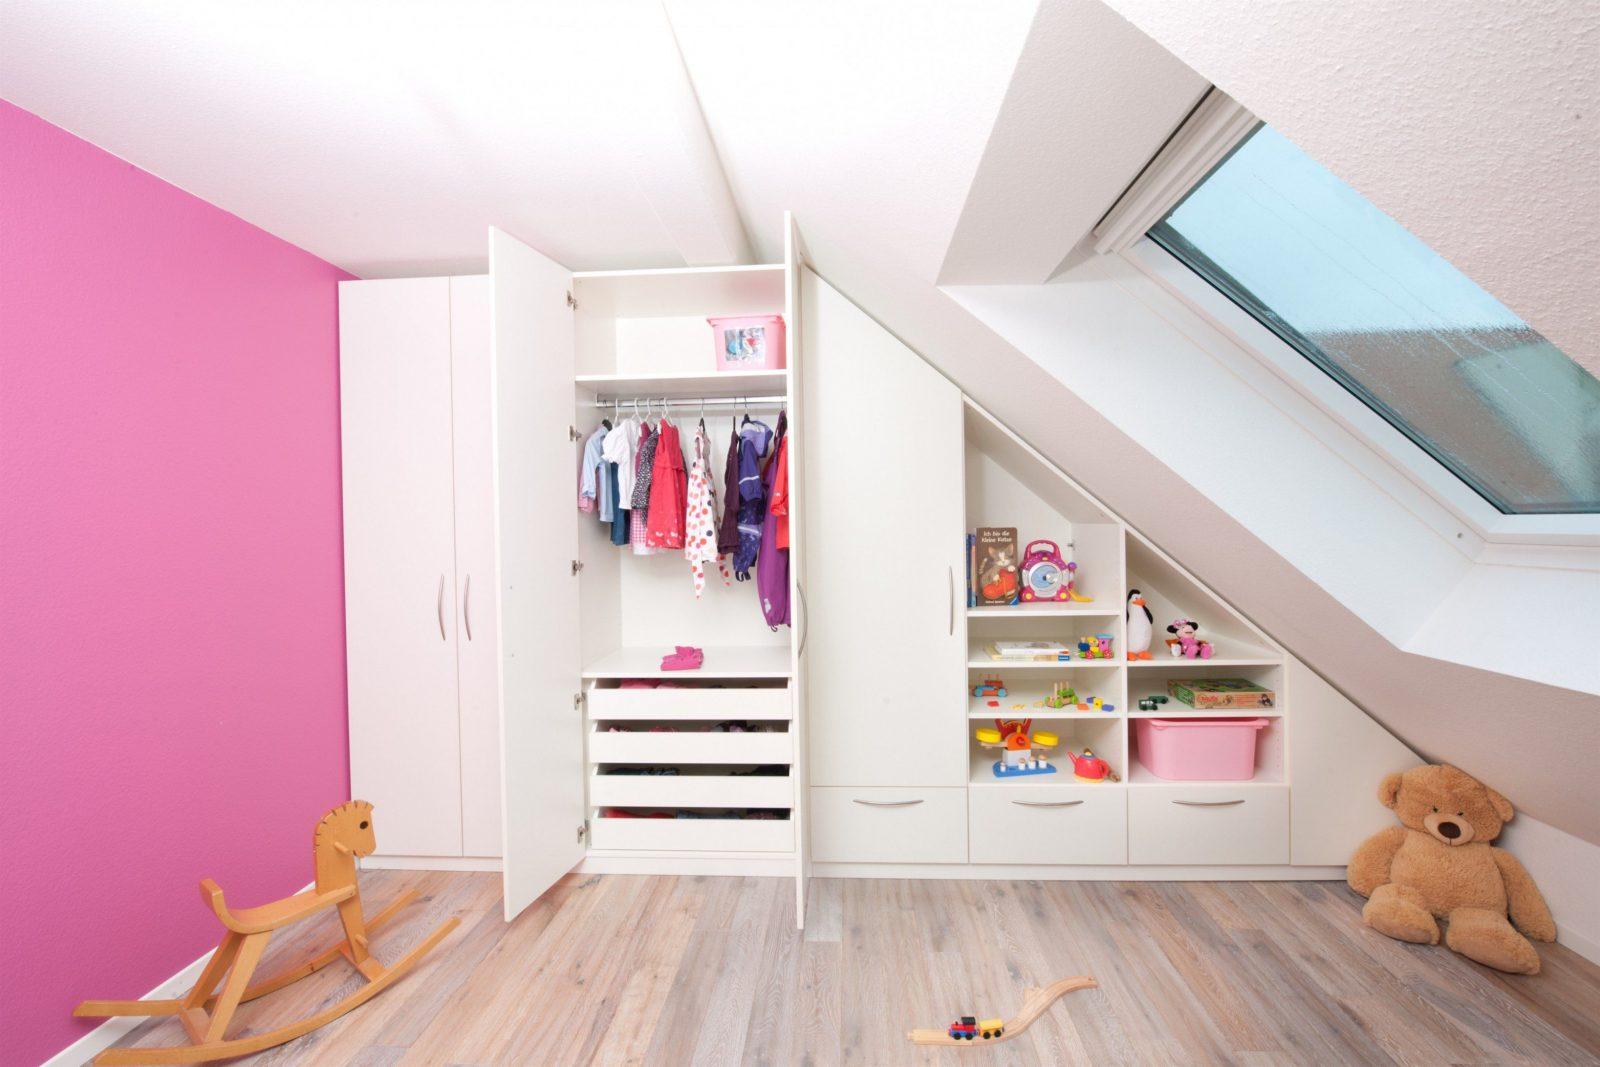 Wohnideen Dachschrge Kinderzimmer Deko Mit Frisch 39 Frisch Lager Von  Kinderzimmer Mit Dachschräge Einrichten Photo